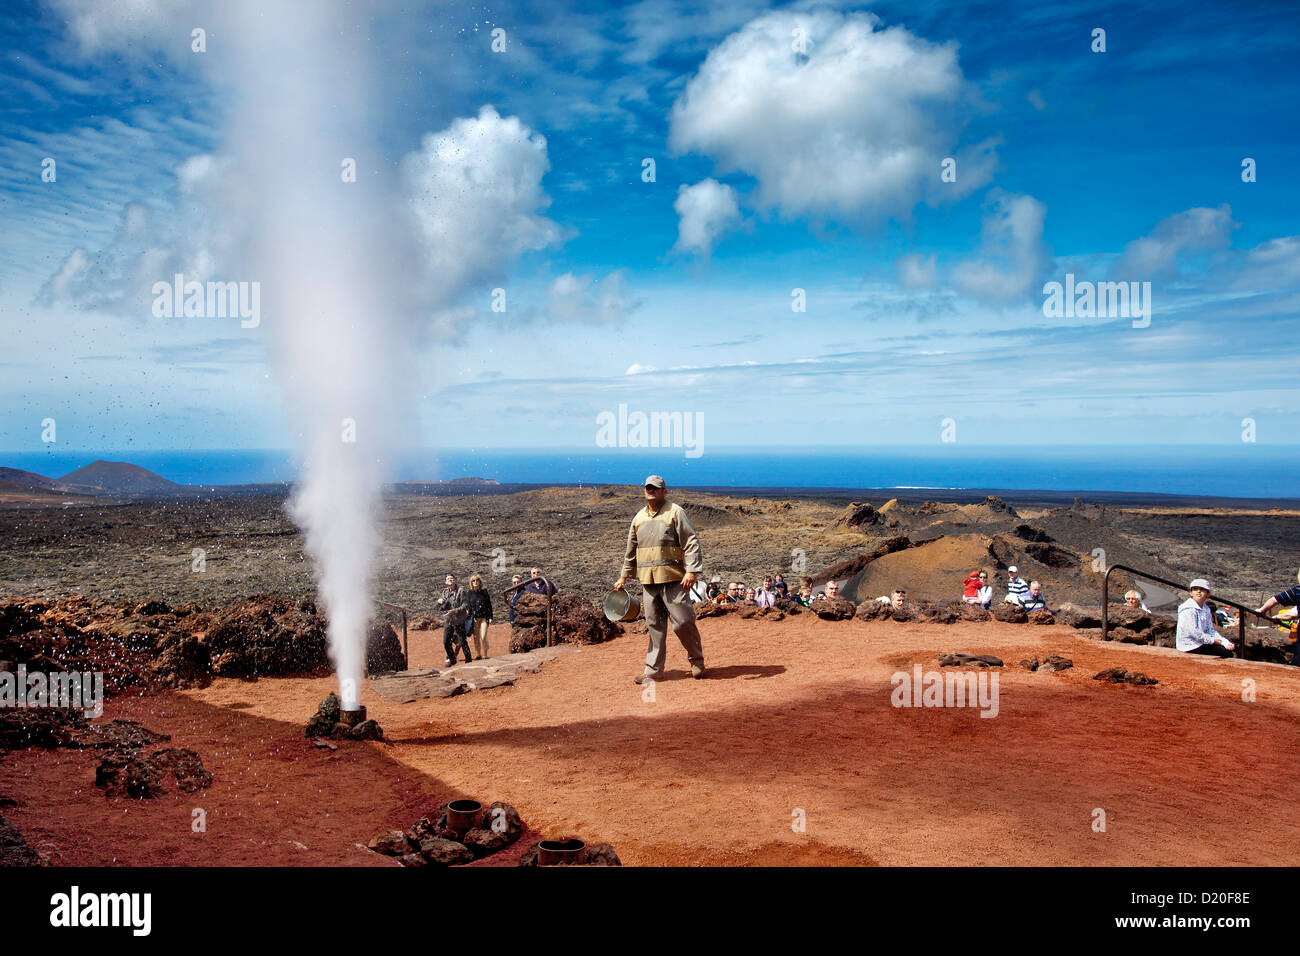 Explosión de agua, Parque Nacional de Timanfaya, Lanzarote, Islas Canarias, España, Europa Imagen De Stock